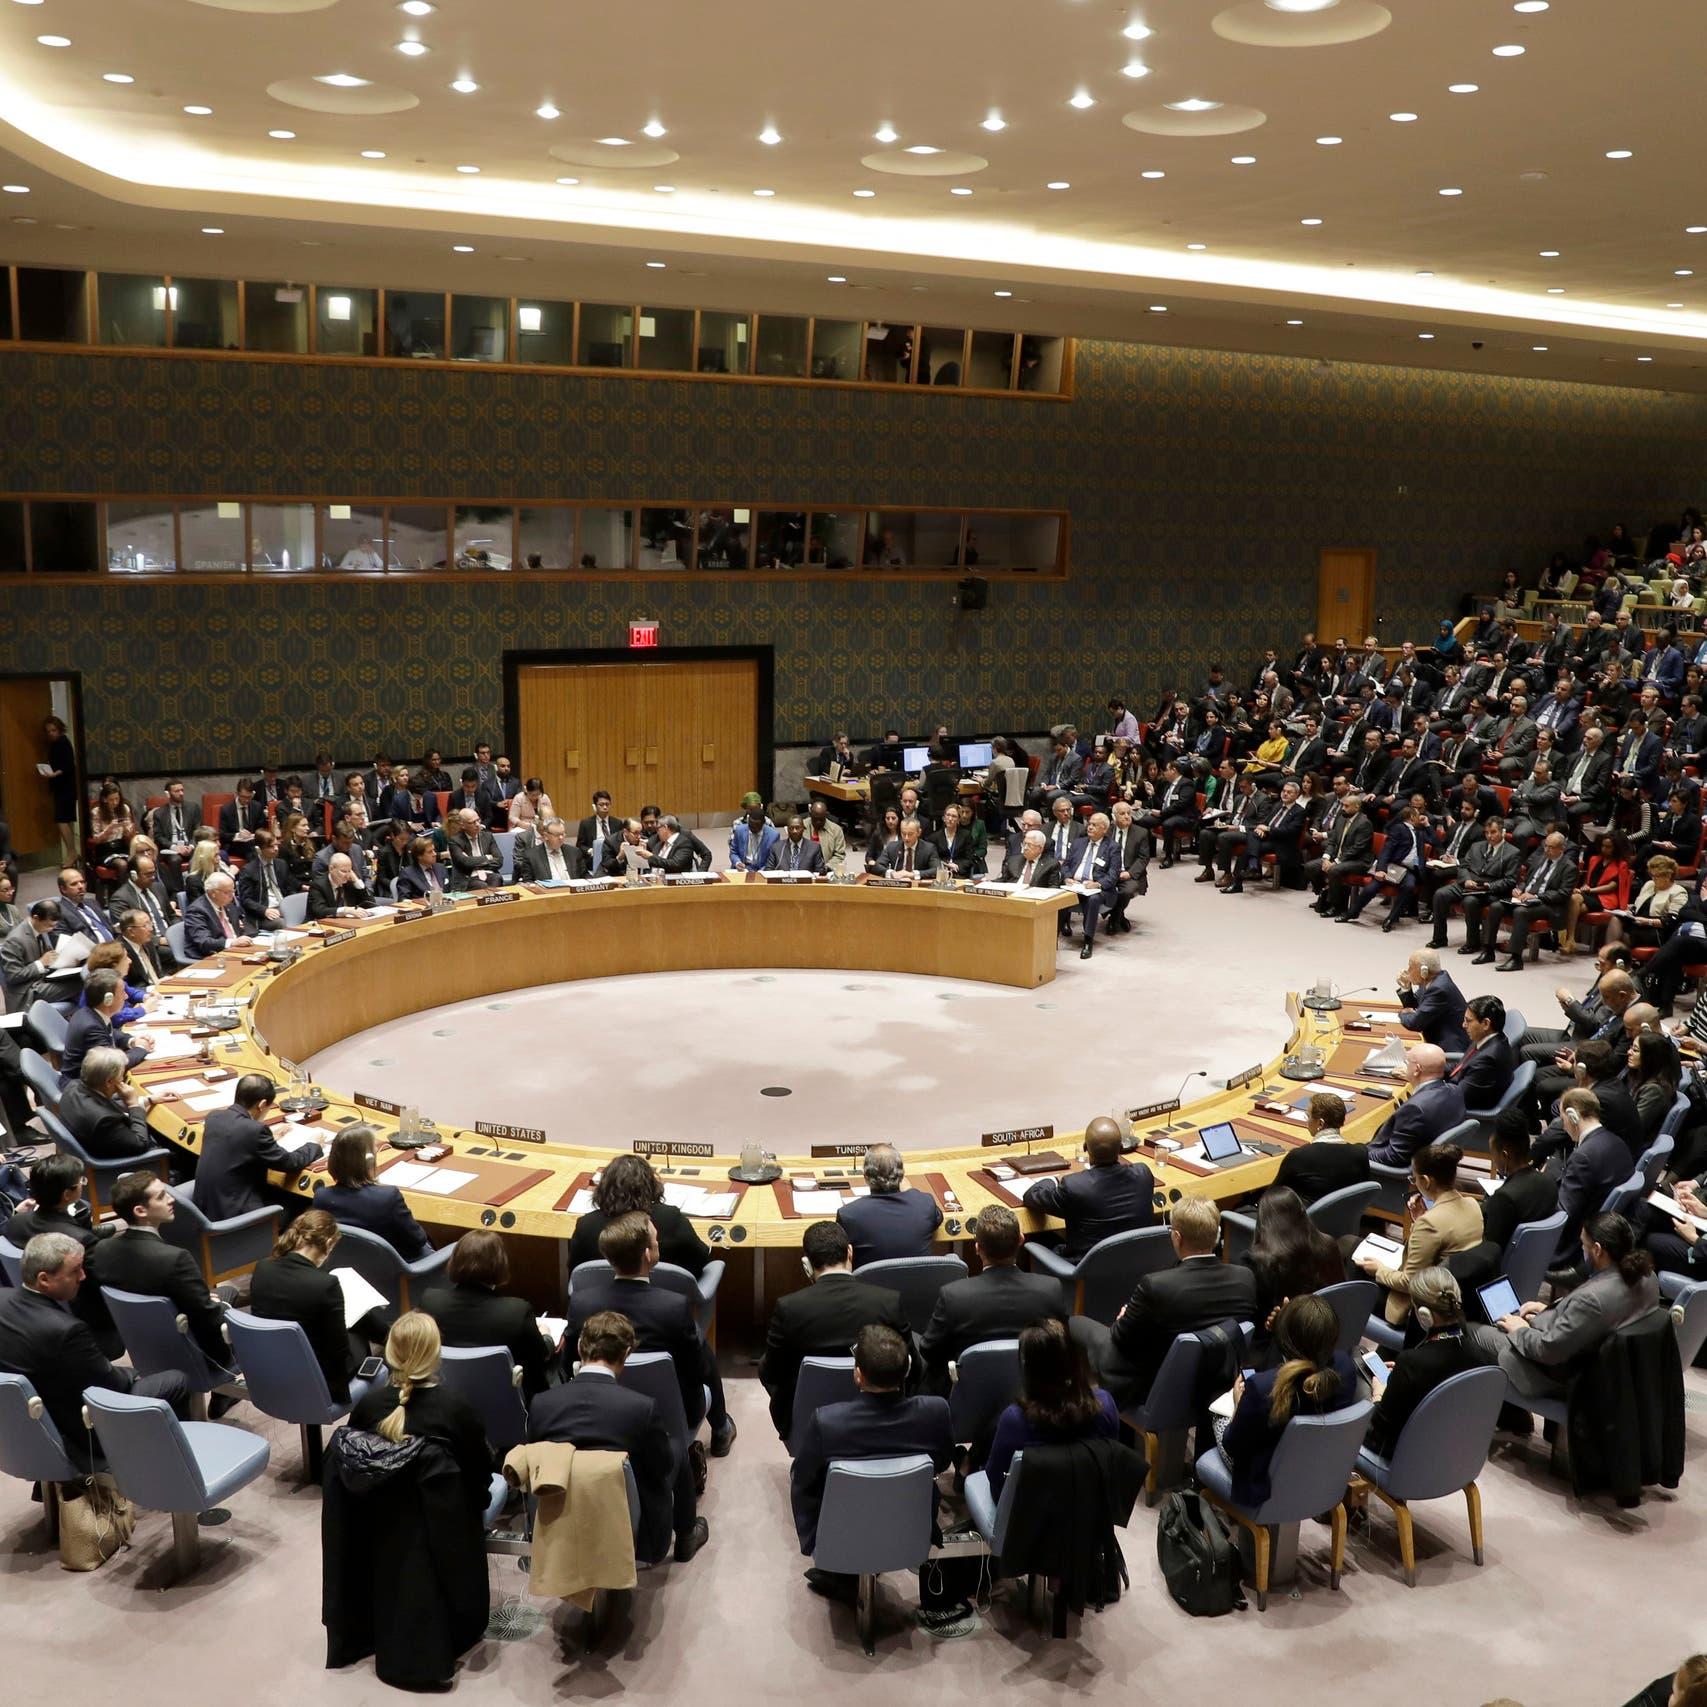 مجلس الأمن يدين محاولة الانقلاب الفاشلة في السودان